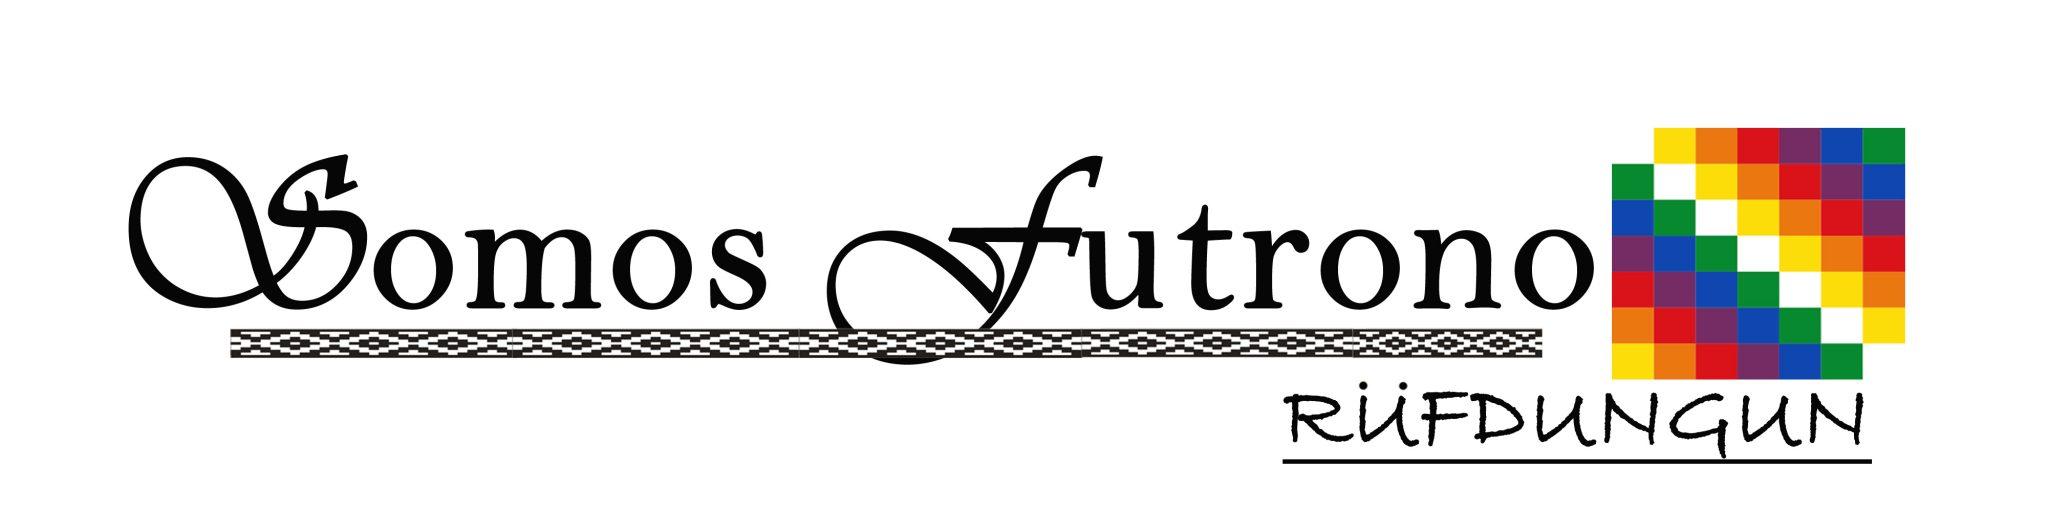 Somos Futrono